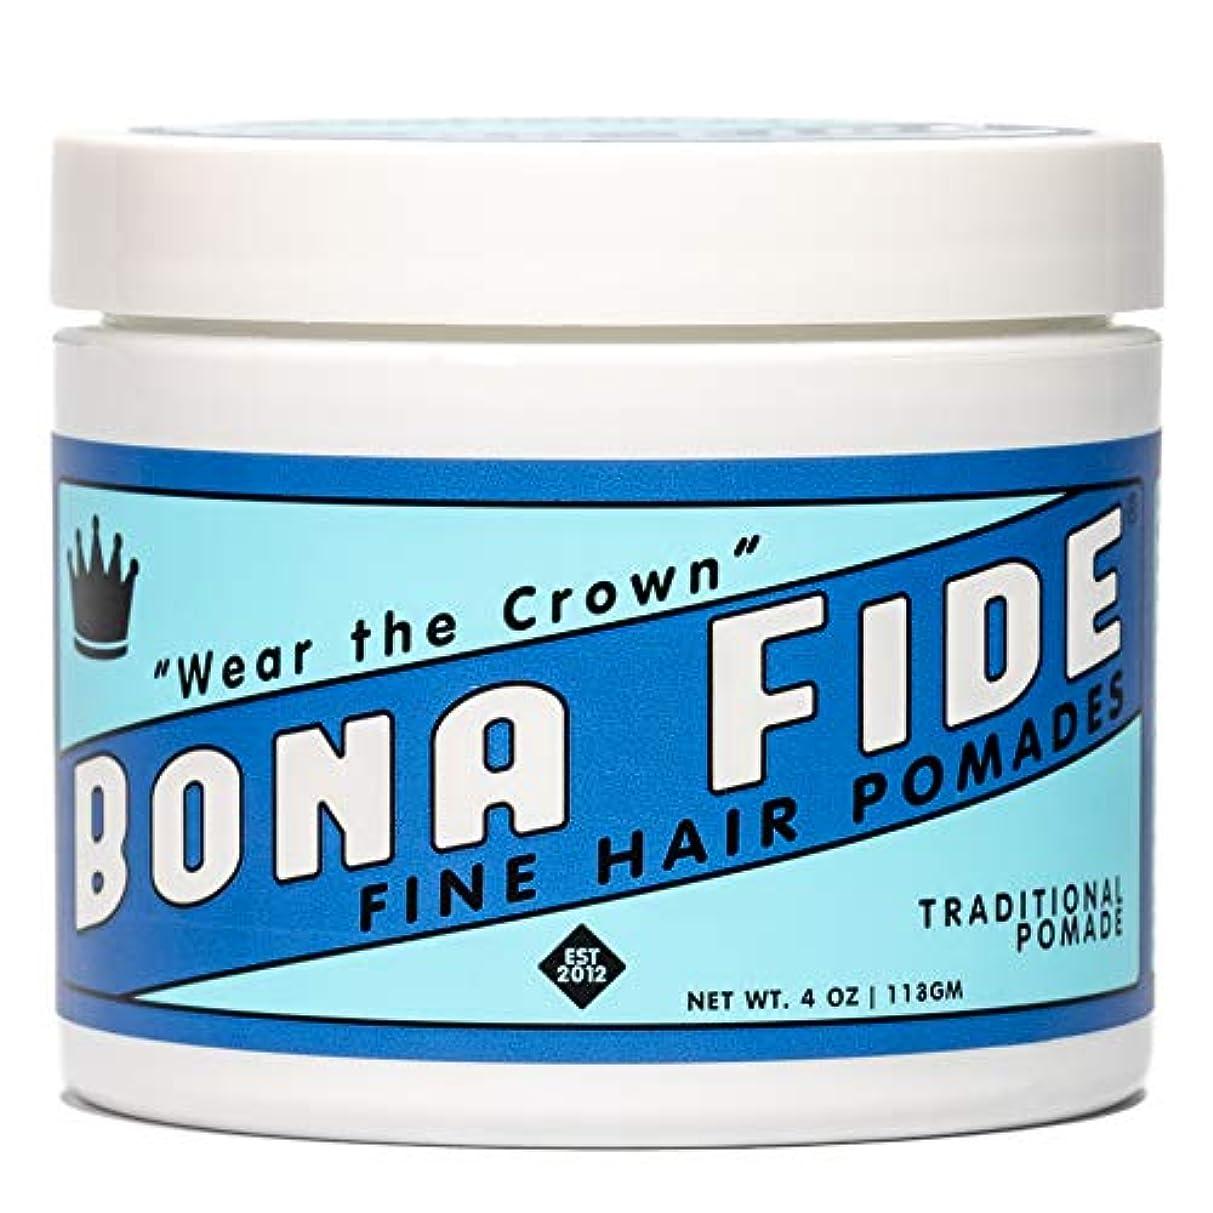 申し立てる不足突き出すBona Fide Pomade, トラディショナルポマード, TRADITIONAL POMADE, 4oz (113g)、オイルベースポマード (整髪料/ヘアー スタイリング剤)